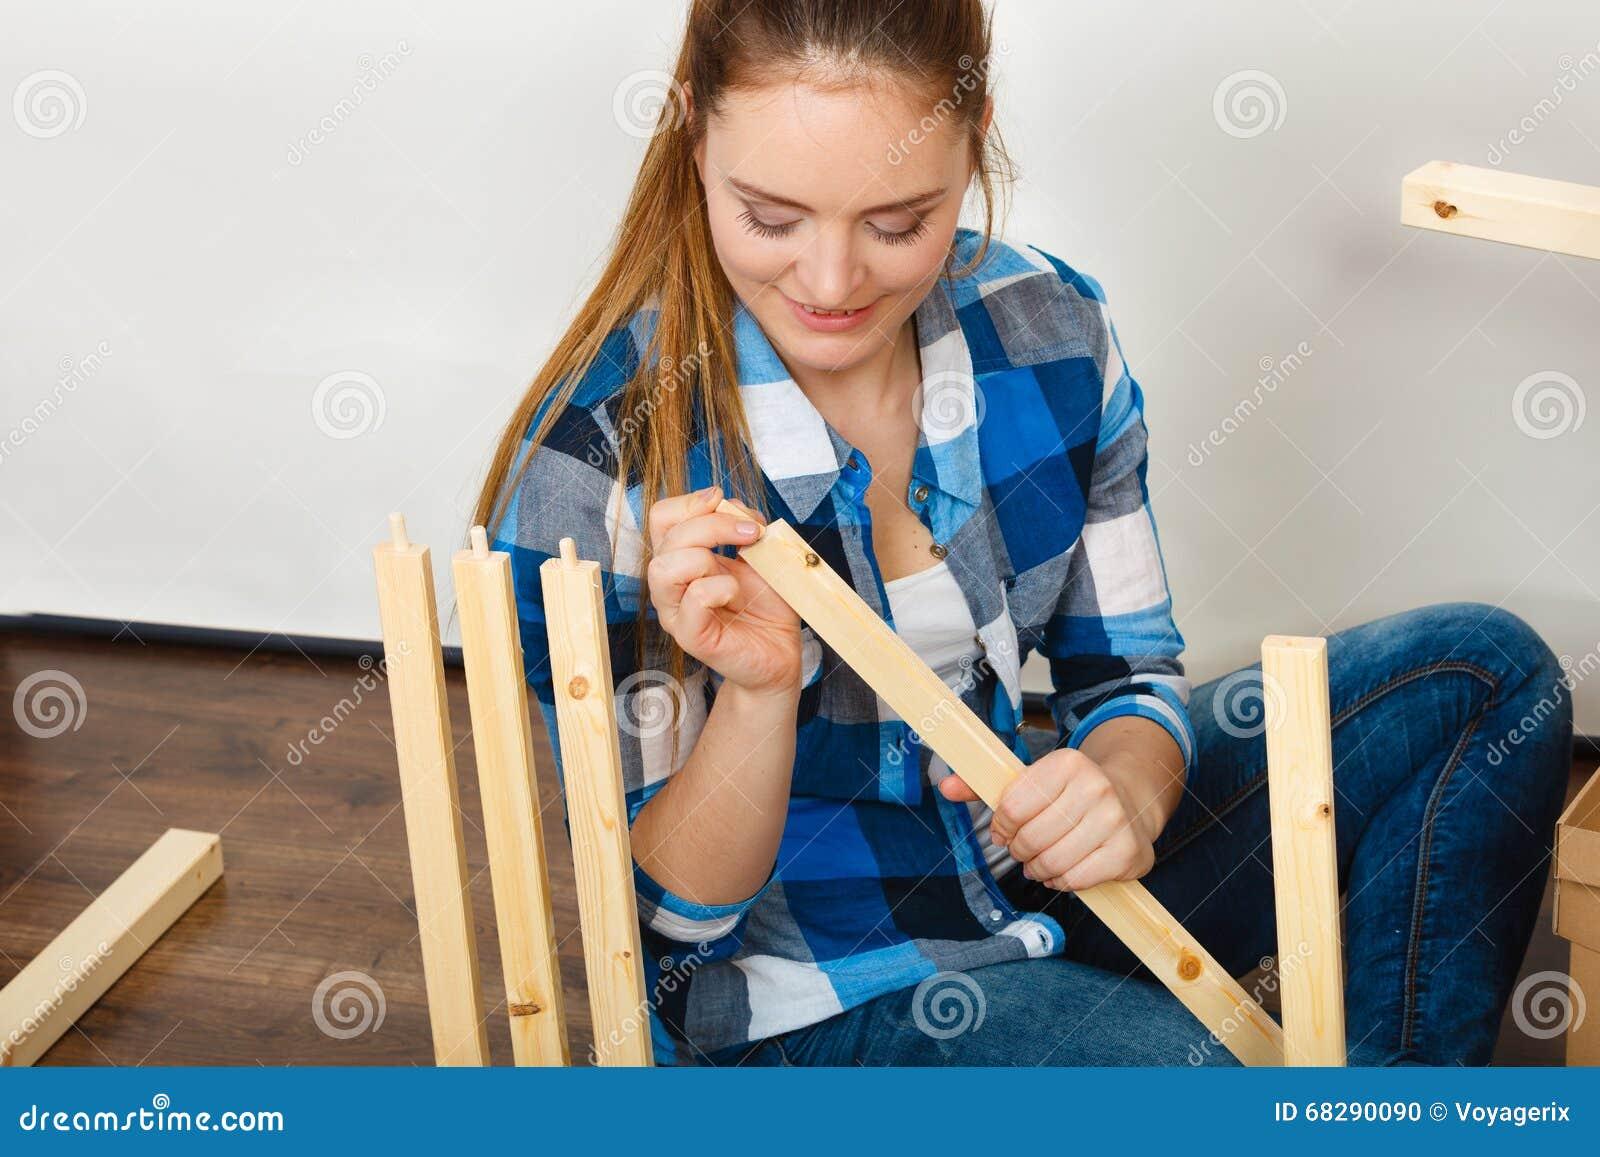 Vrouw die houten meubilair assembleren diy stock foto afbeelding 68290090 - Huisverbetering m ...